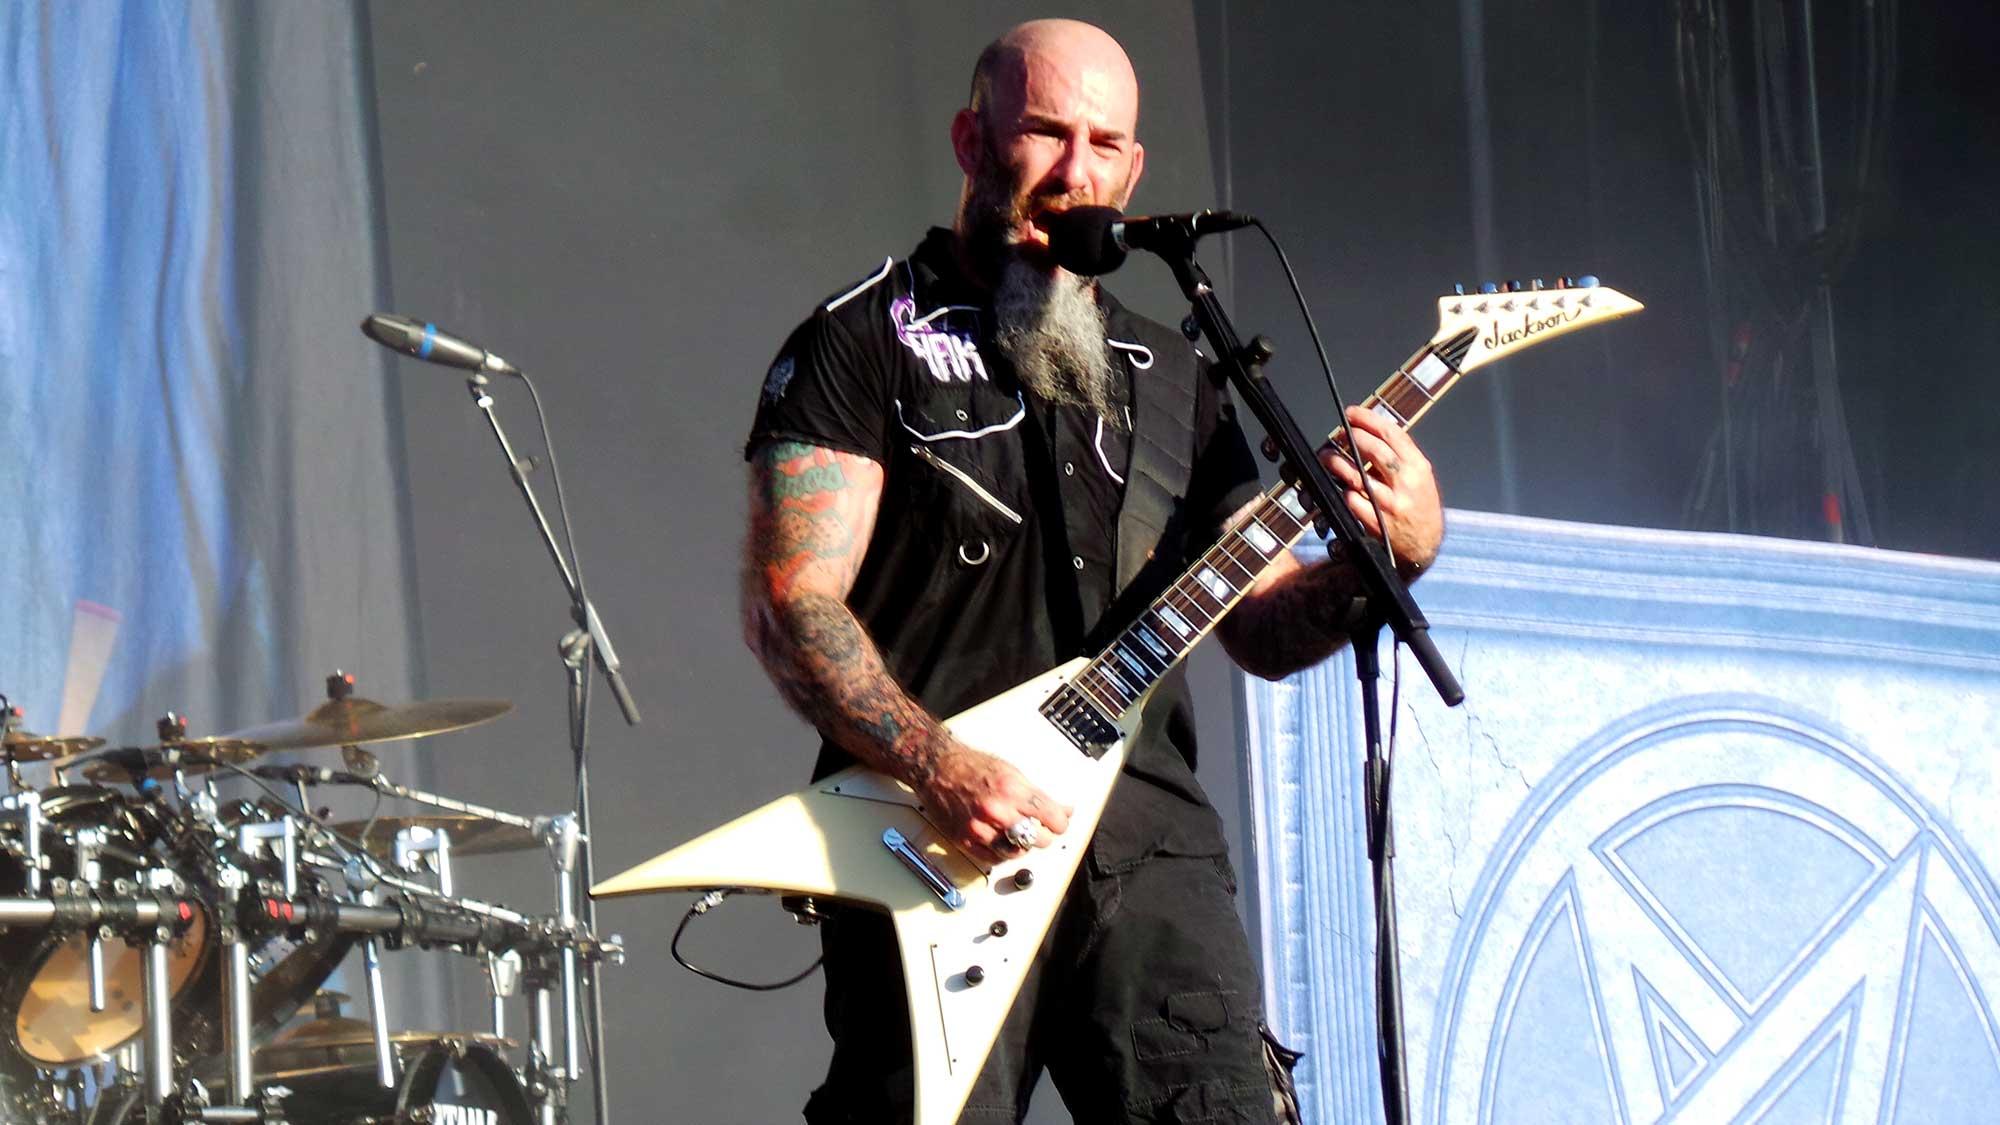 Scott Ian, un dels fundadors d'Anthrax, actuant al Rock Fest 2016 de Santa Coloma de Gramenet.